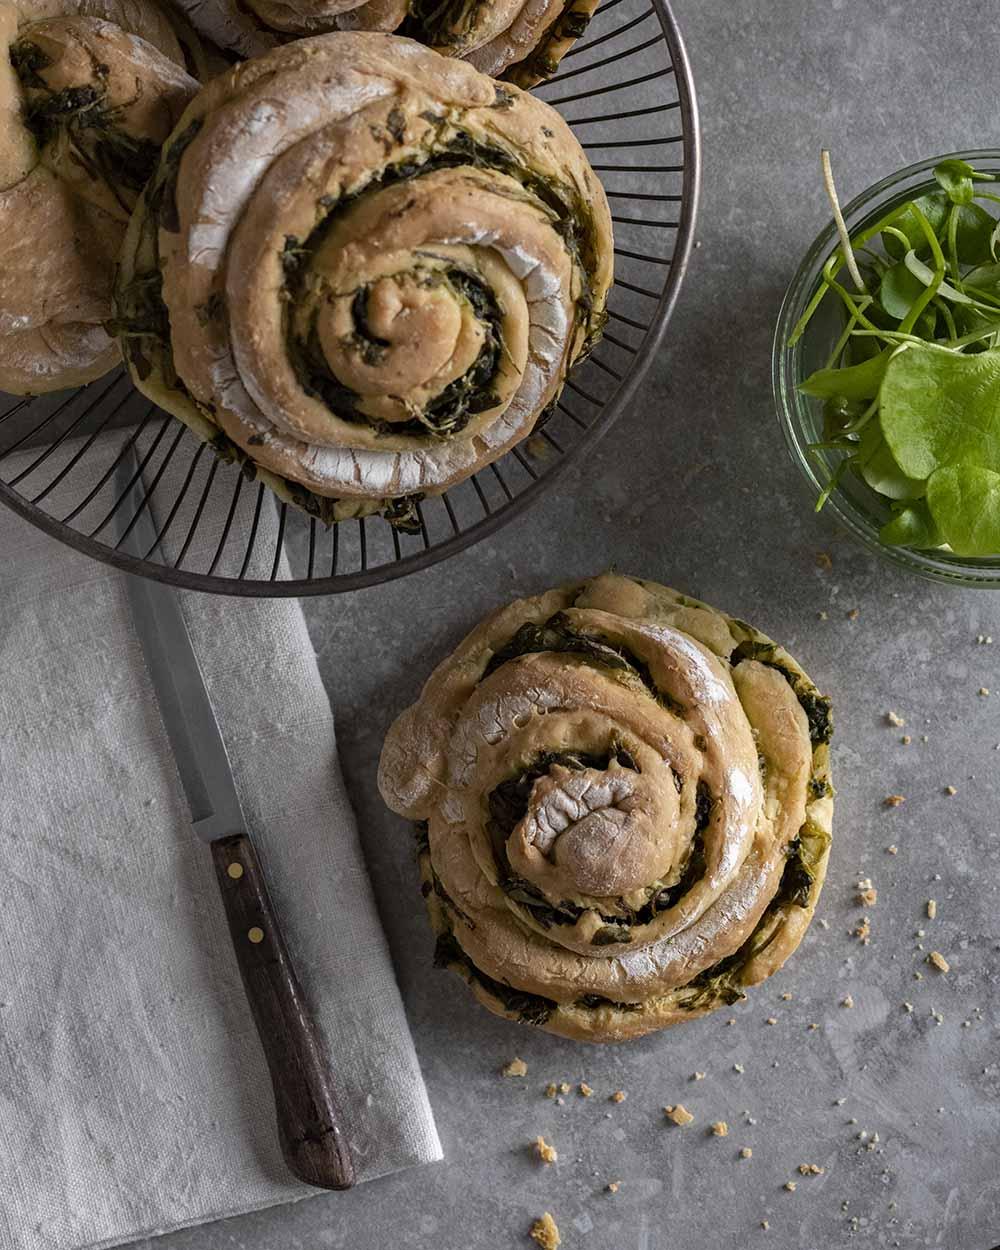 Aufnahme von oben: Sie zeigt das Brotkörbchen, neben der eine Brot-Schnecke mit Salat liegt. Diese wollen wir gleich anschneiden.